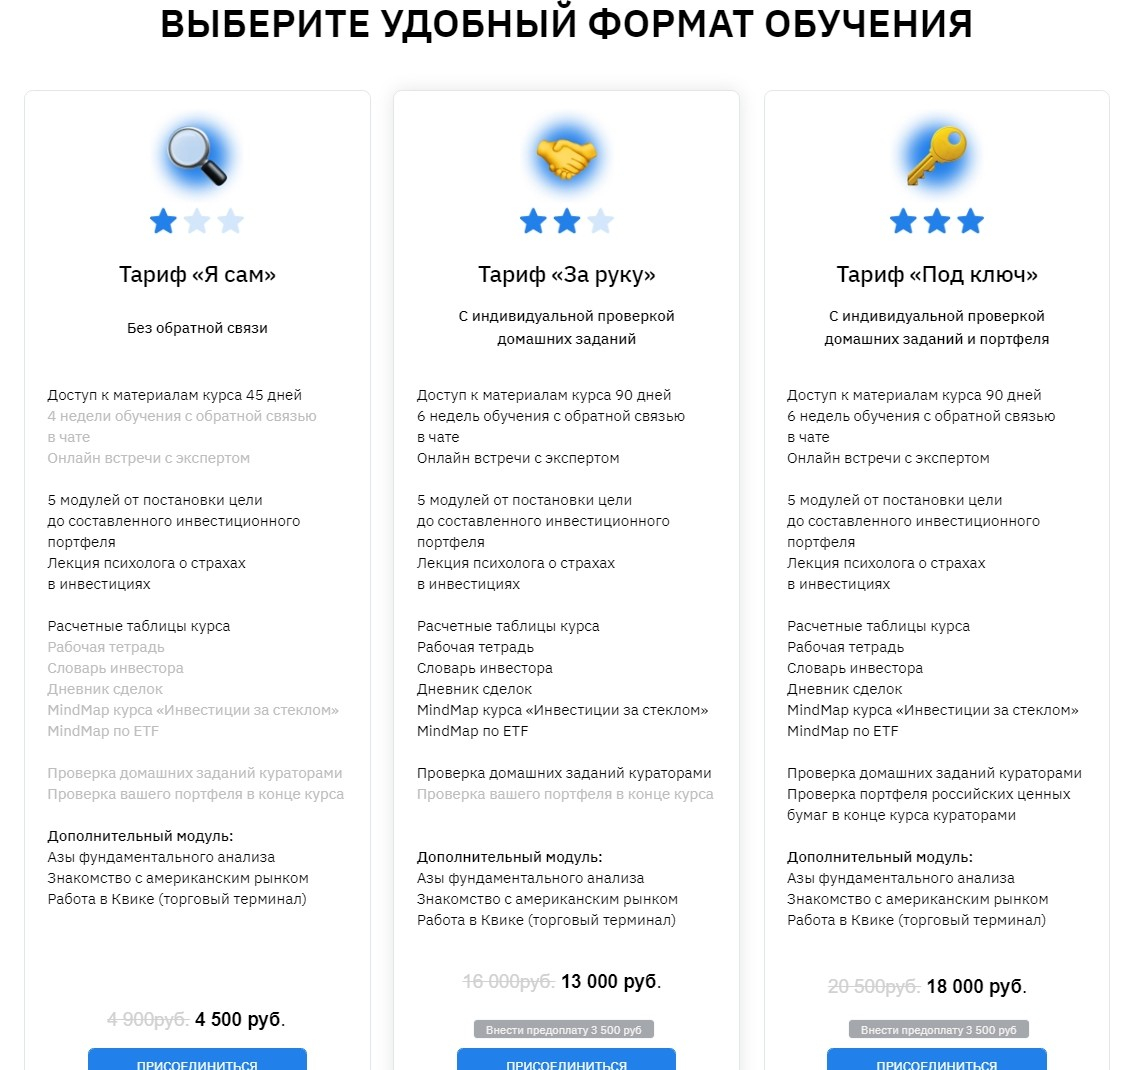 Форматы обучения у Анны Громовой и Ольги Сабитовой